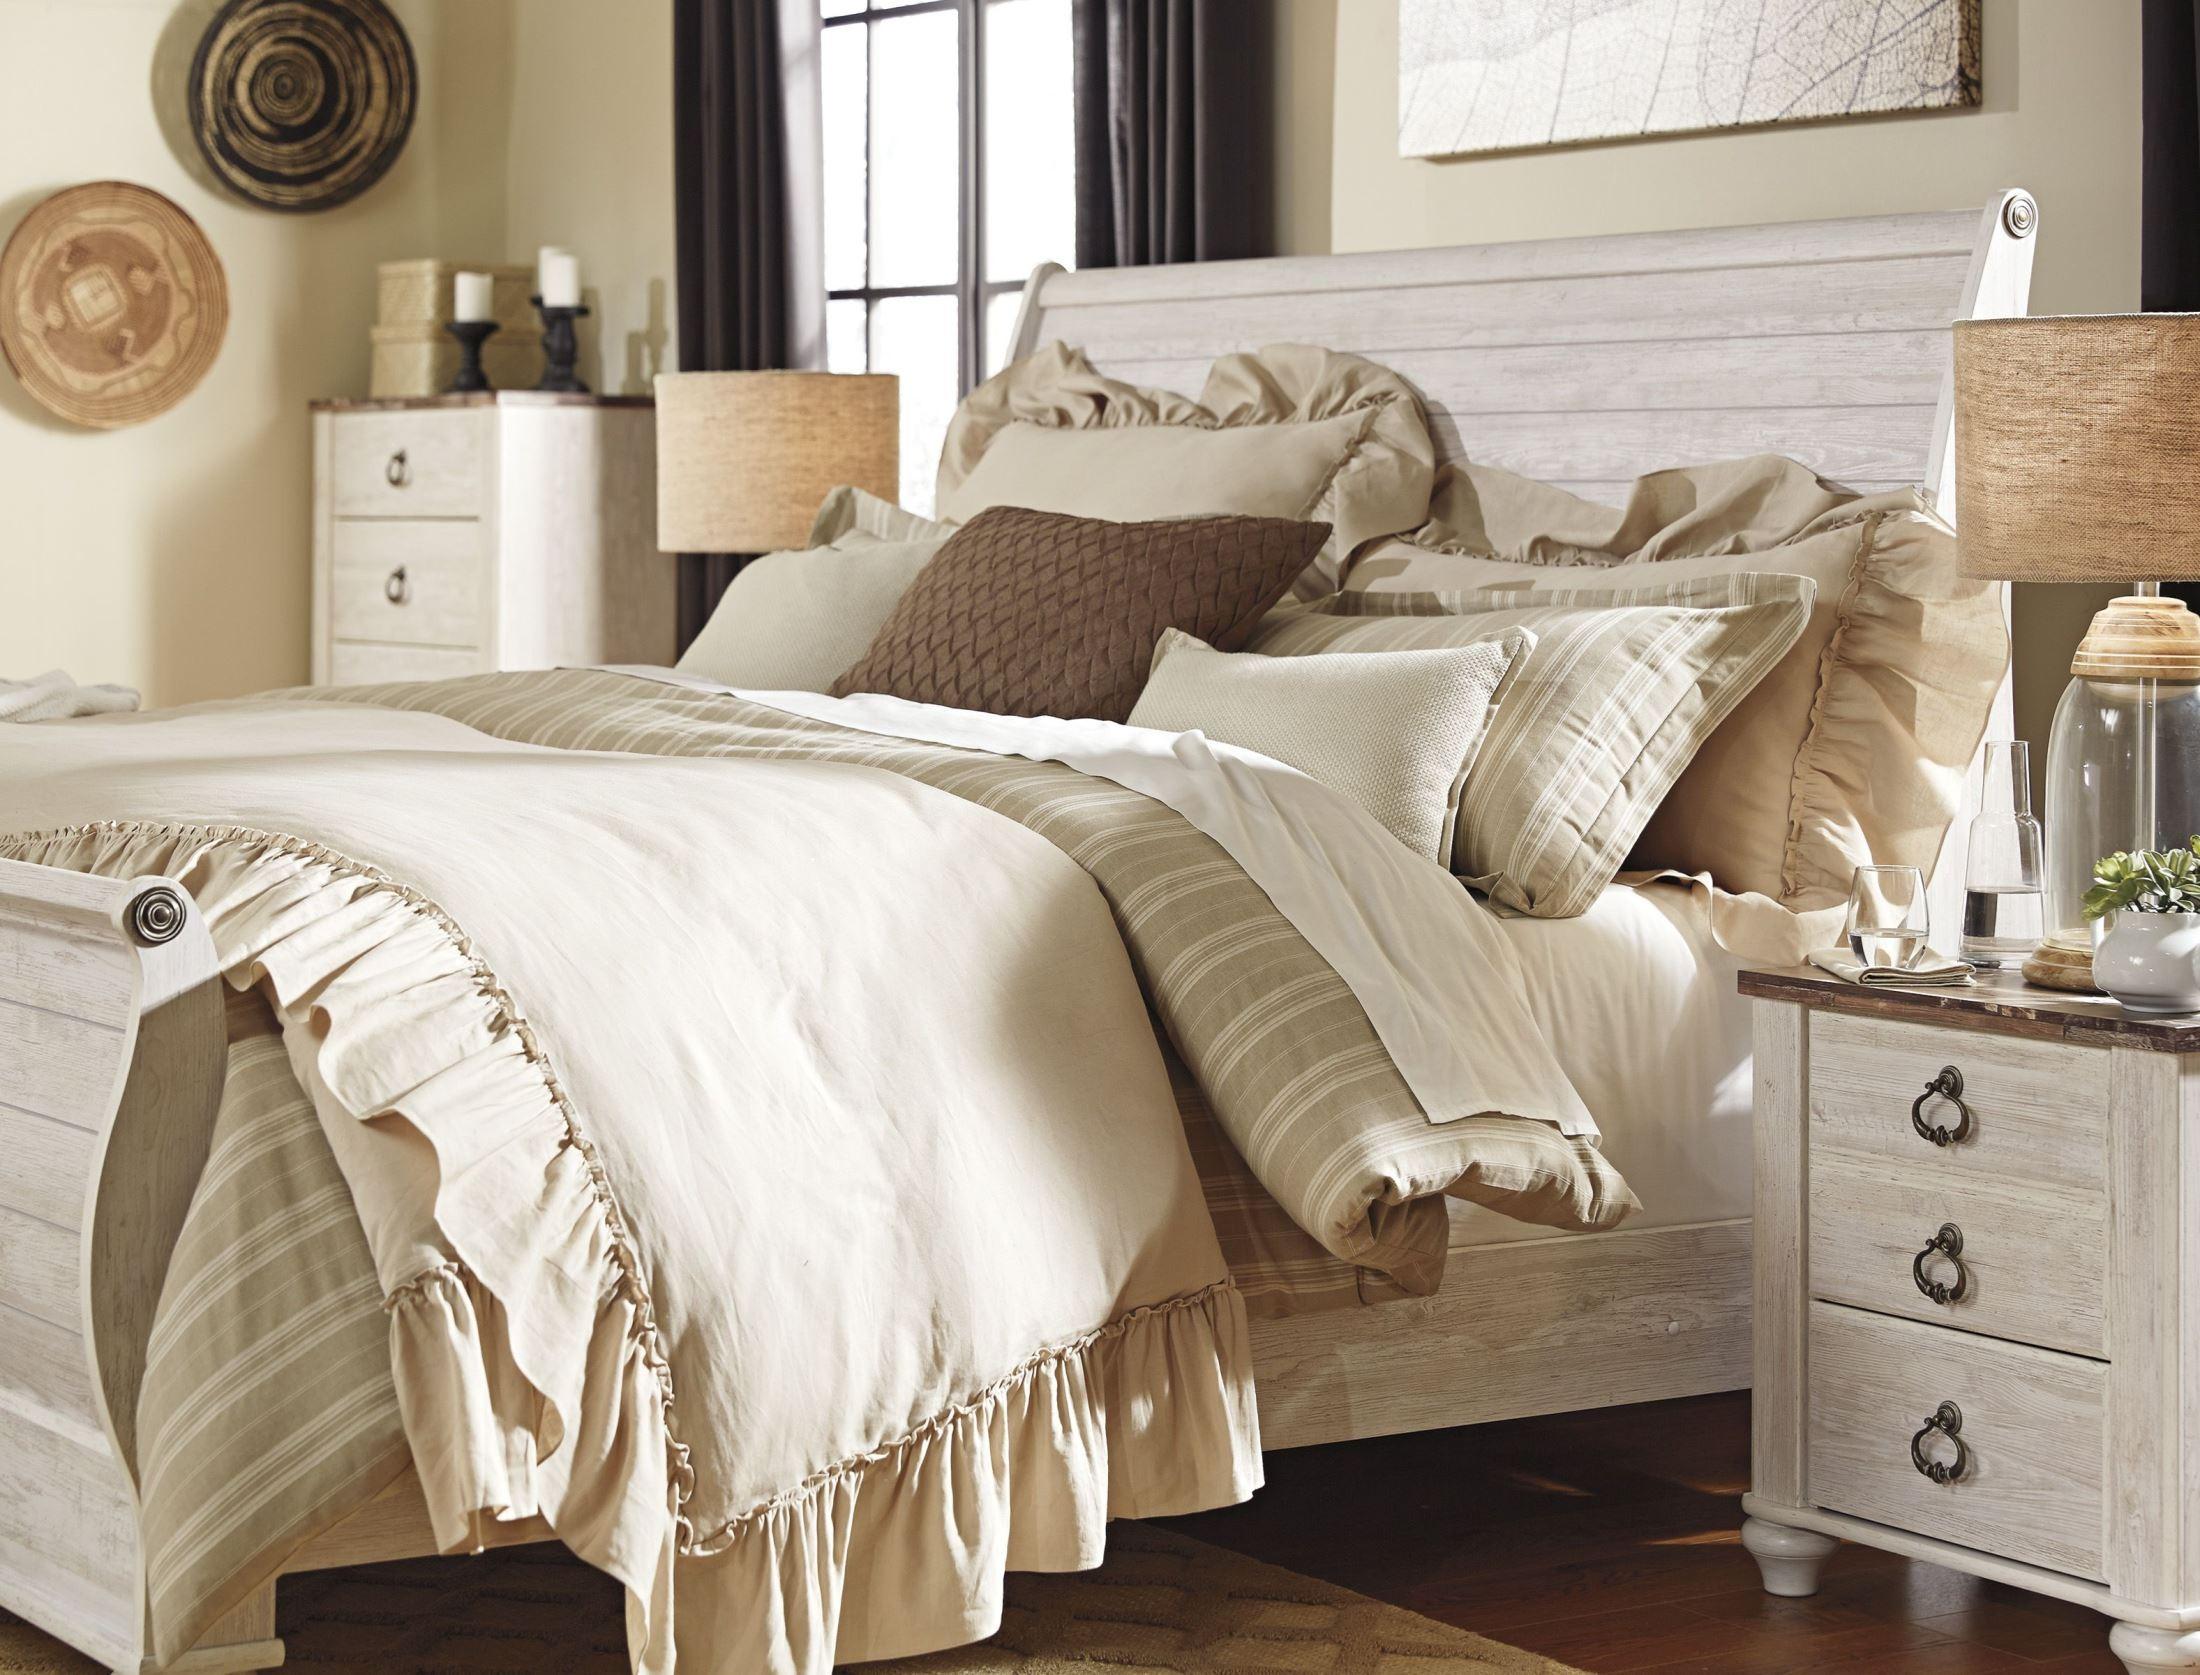 willowton whitewash sleigh bedroom set b267 74 77 96 ashley